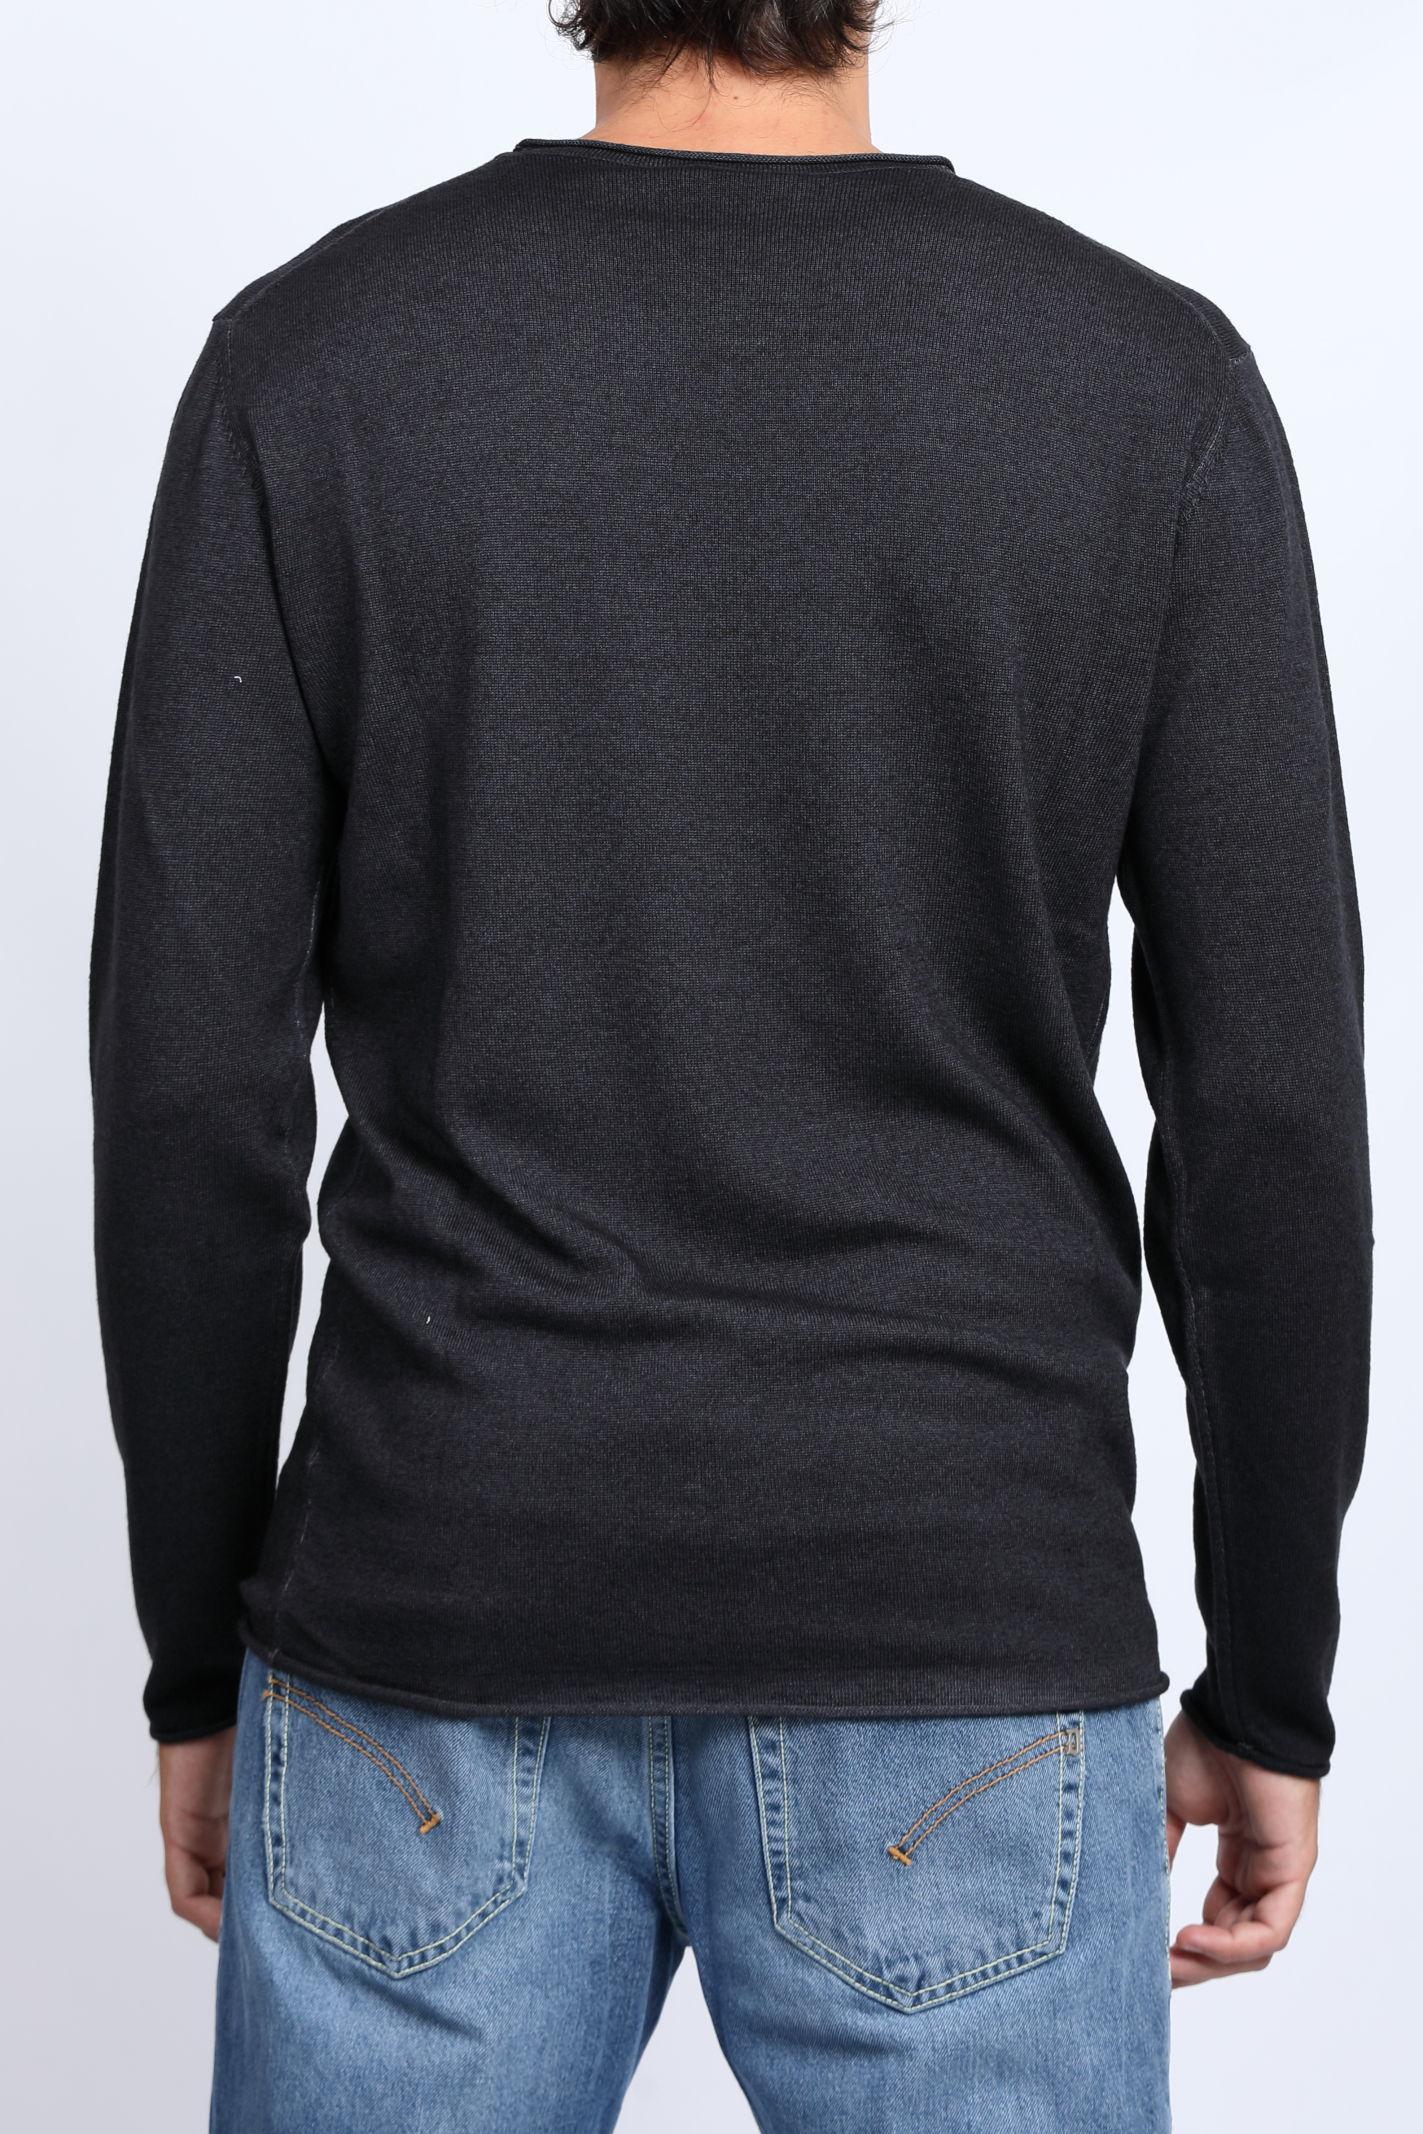 PARICOLLO LOOSEFIT MERINOS DANIELE FIESOLI   Knitwear   DF000809